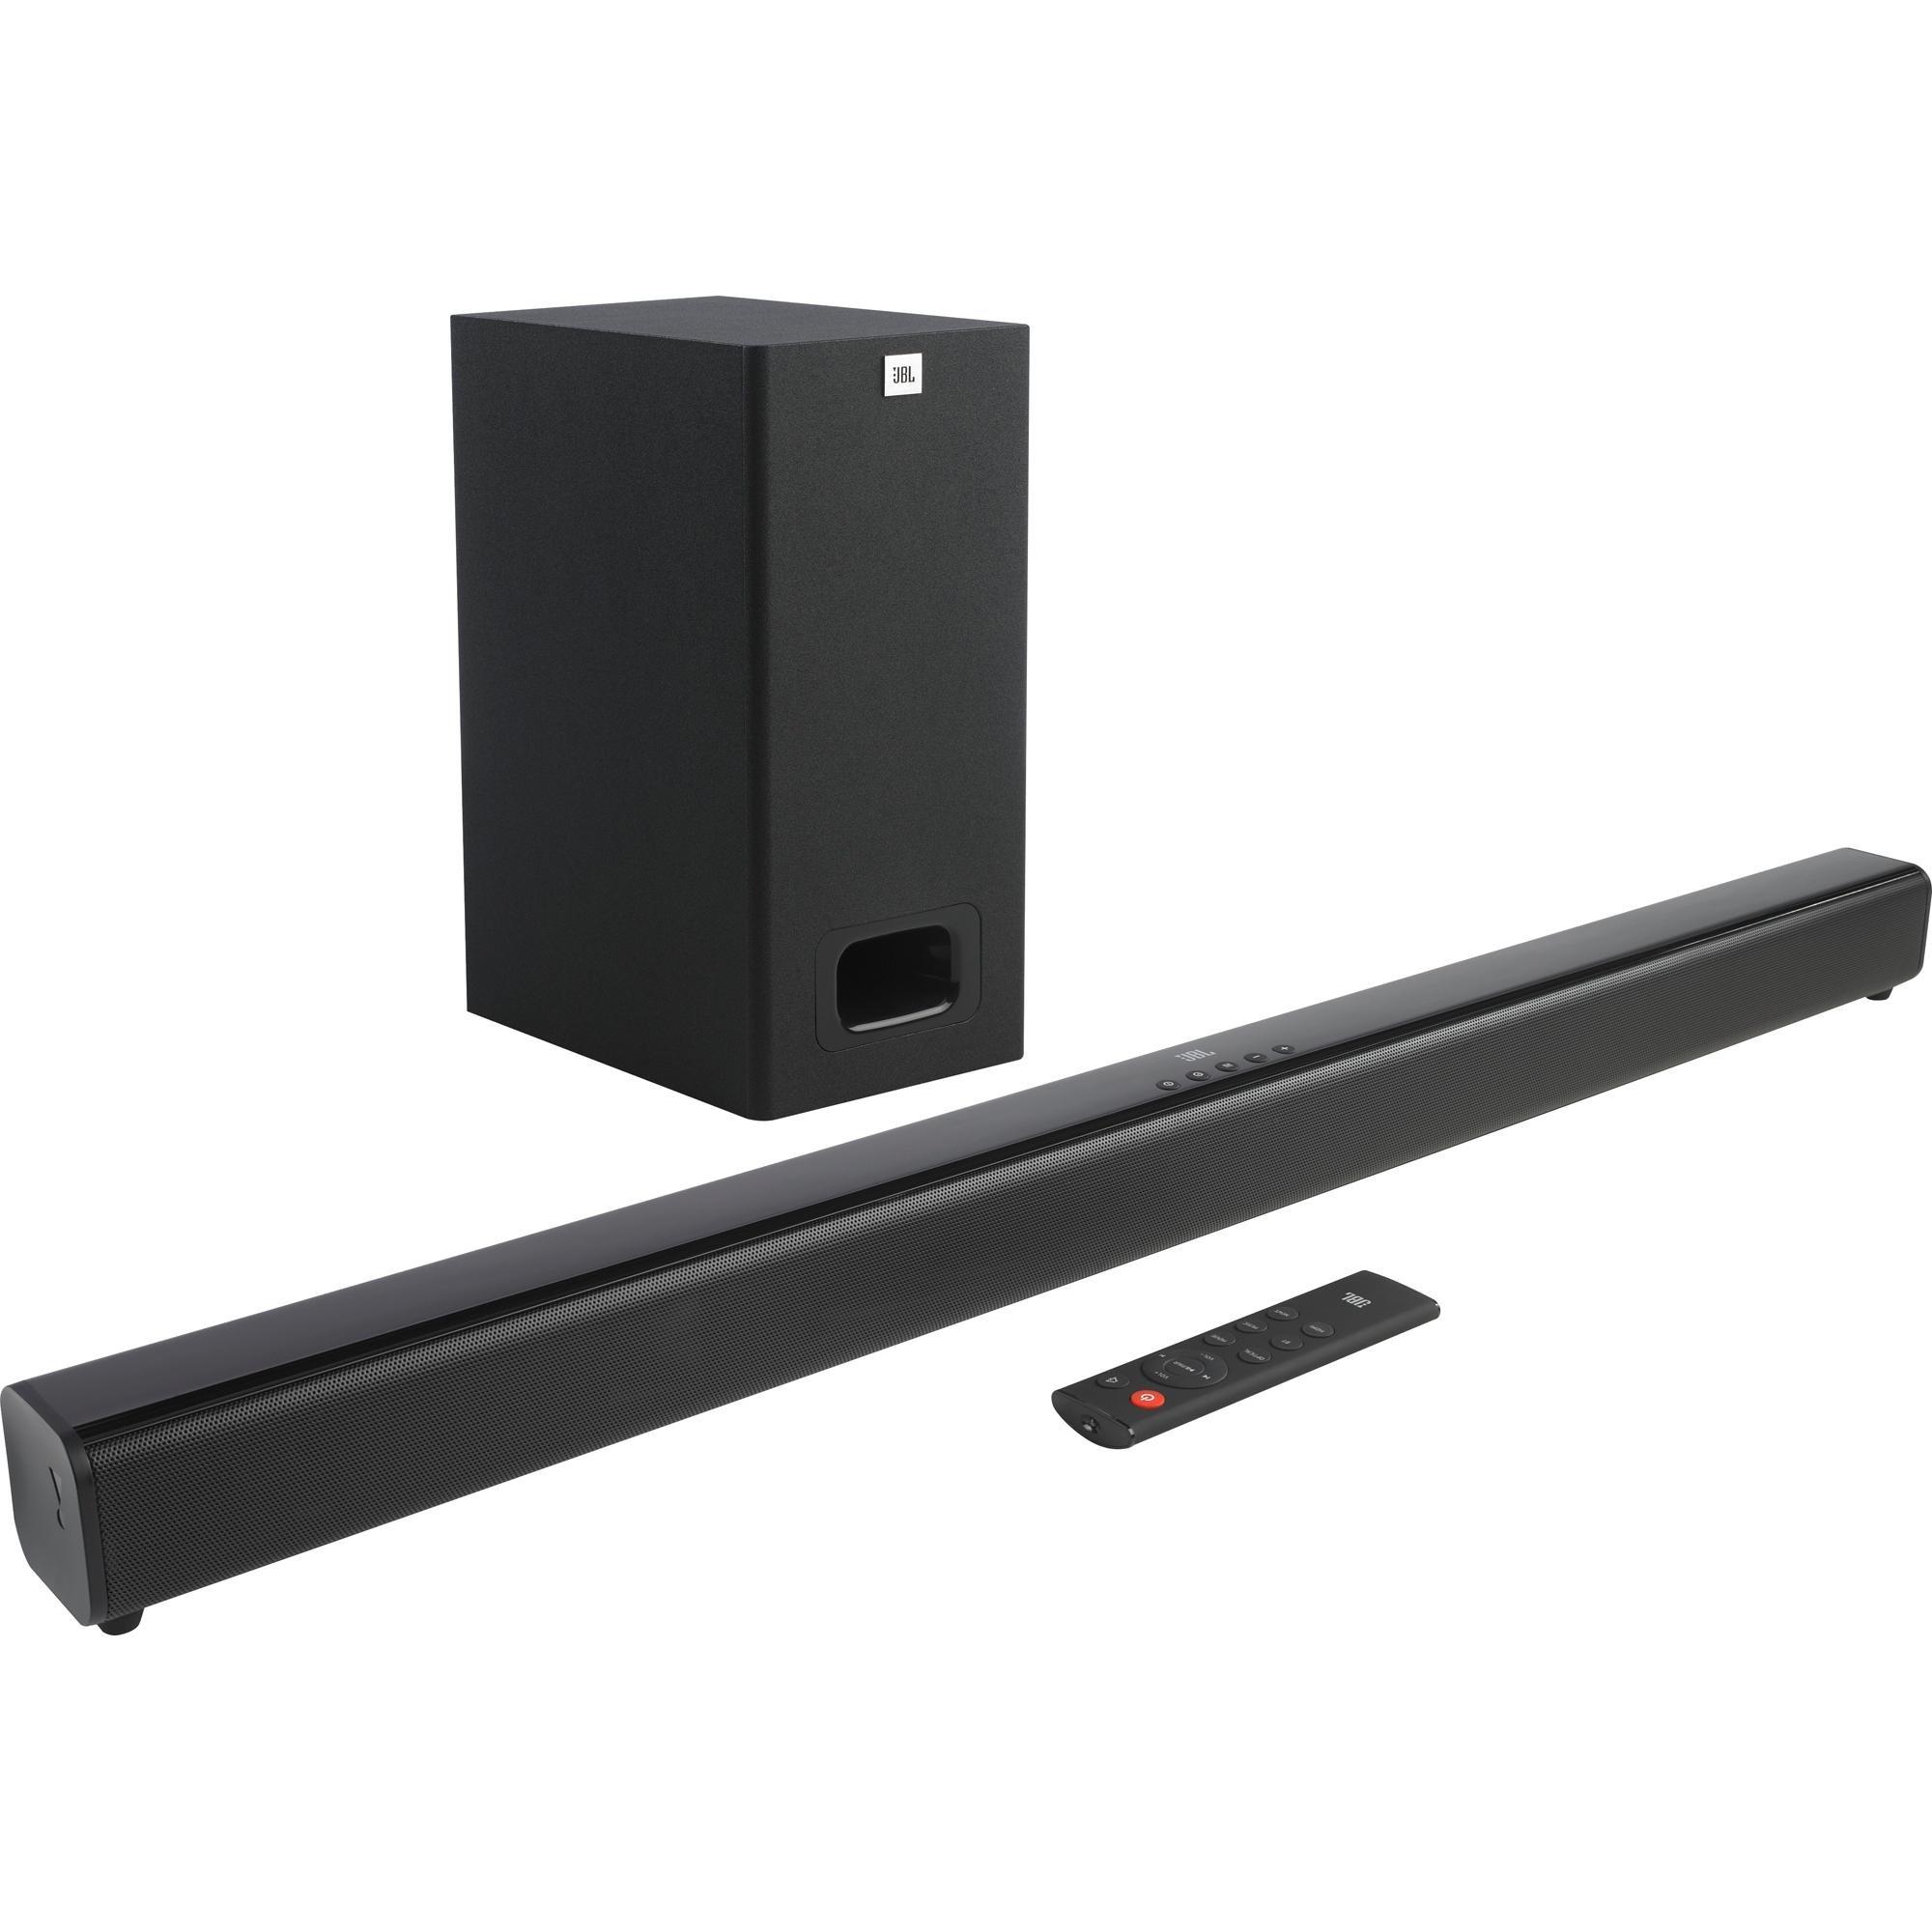 Soundbar com Subwoofer 2.1 Bluetooth 110W Cinema SB130 Preto